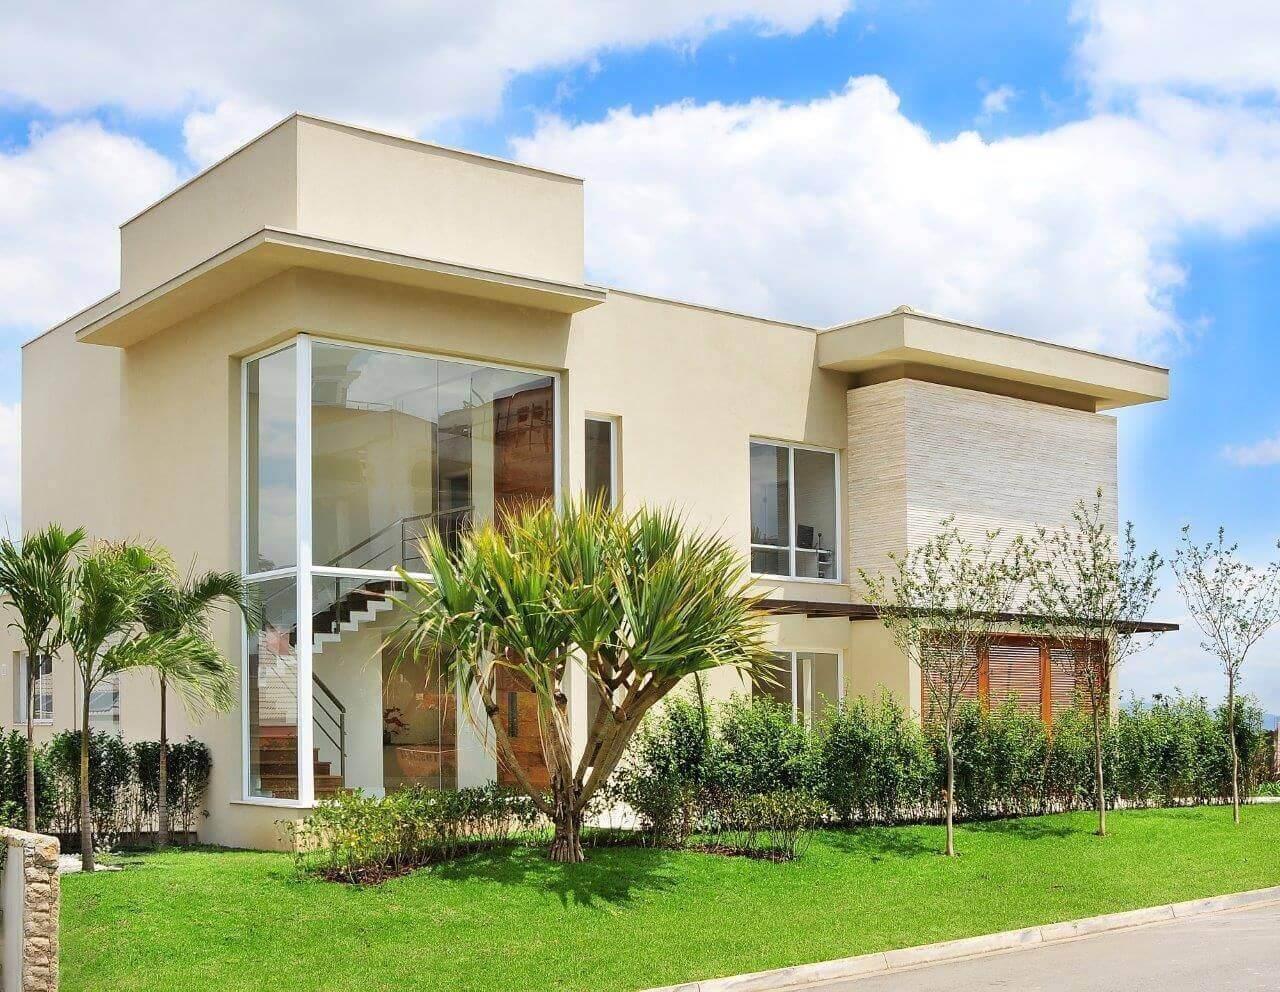 Casa moderna com fachada de vidro e jardim